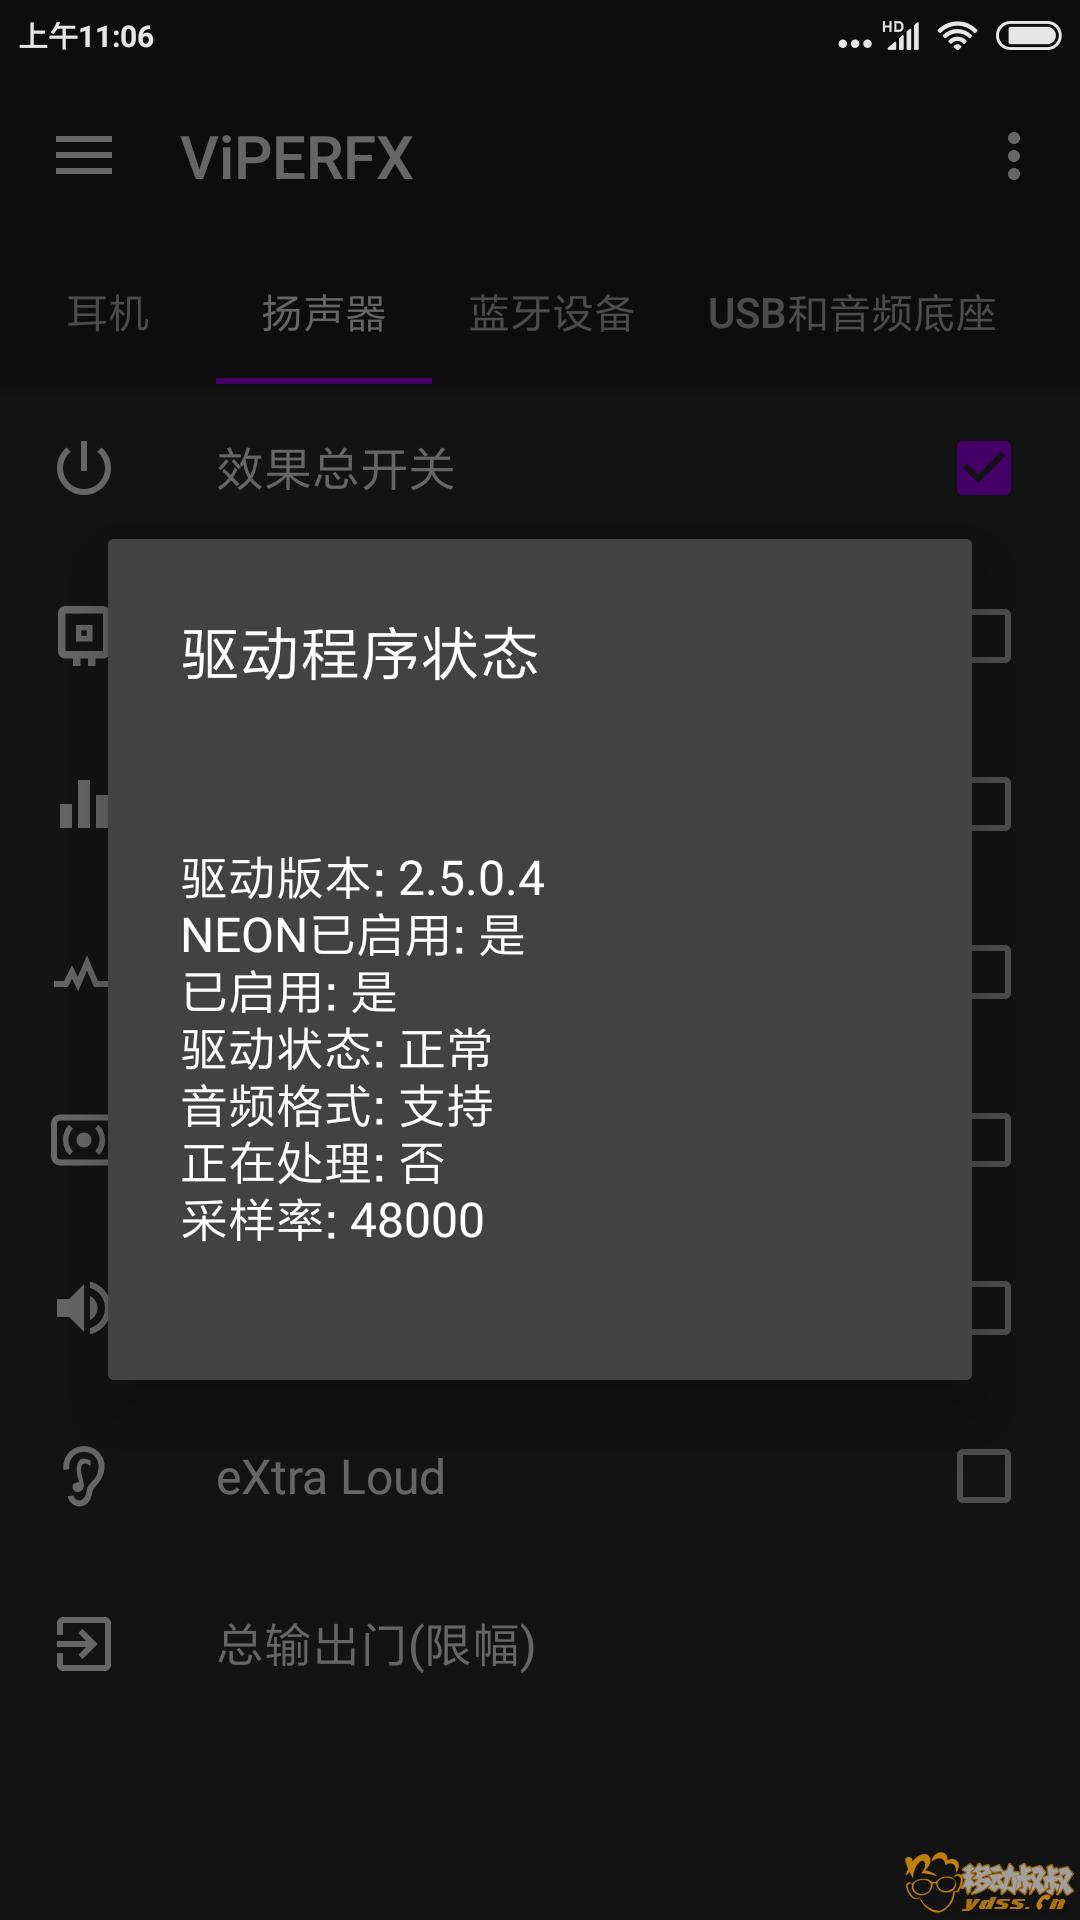 Screenshot_2018-07-02-11-06-03-964_com.pittvandewitt.viperfx.png